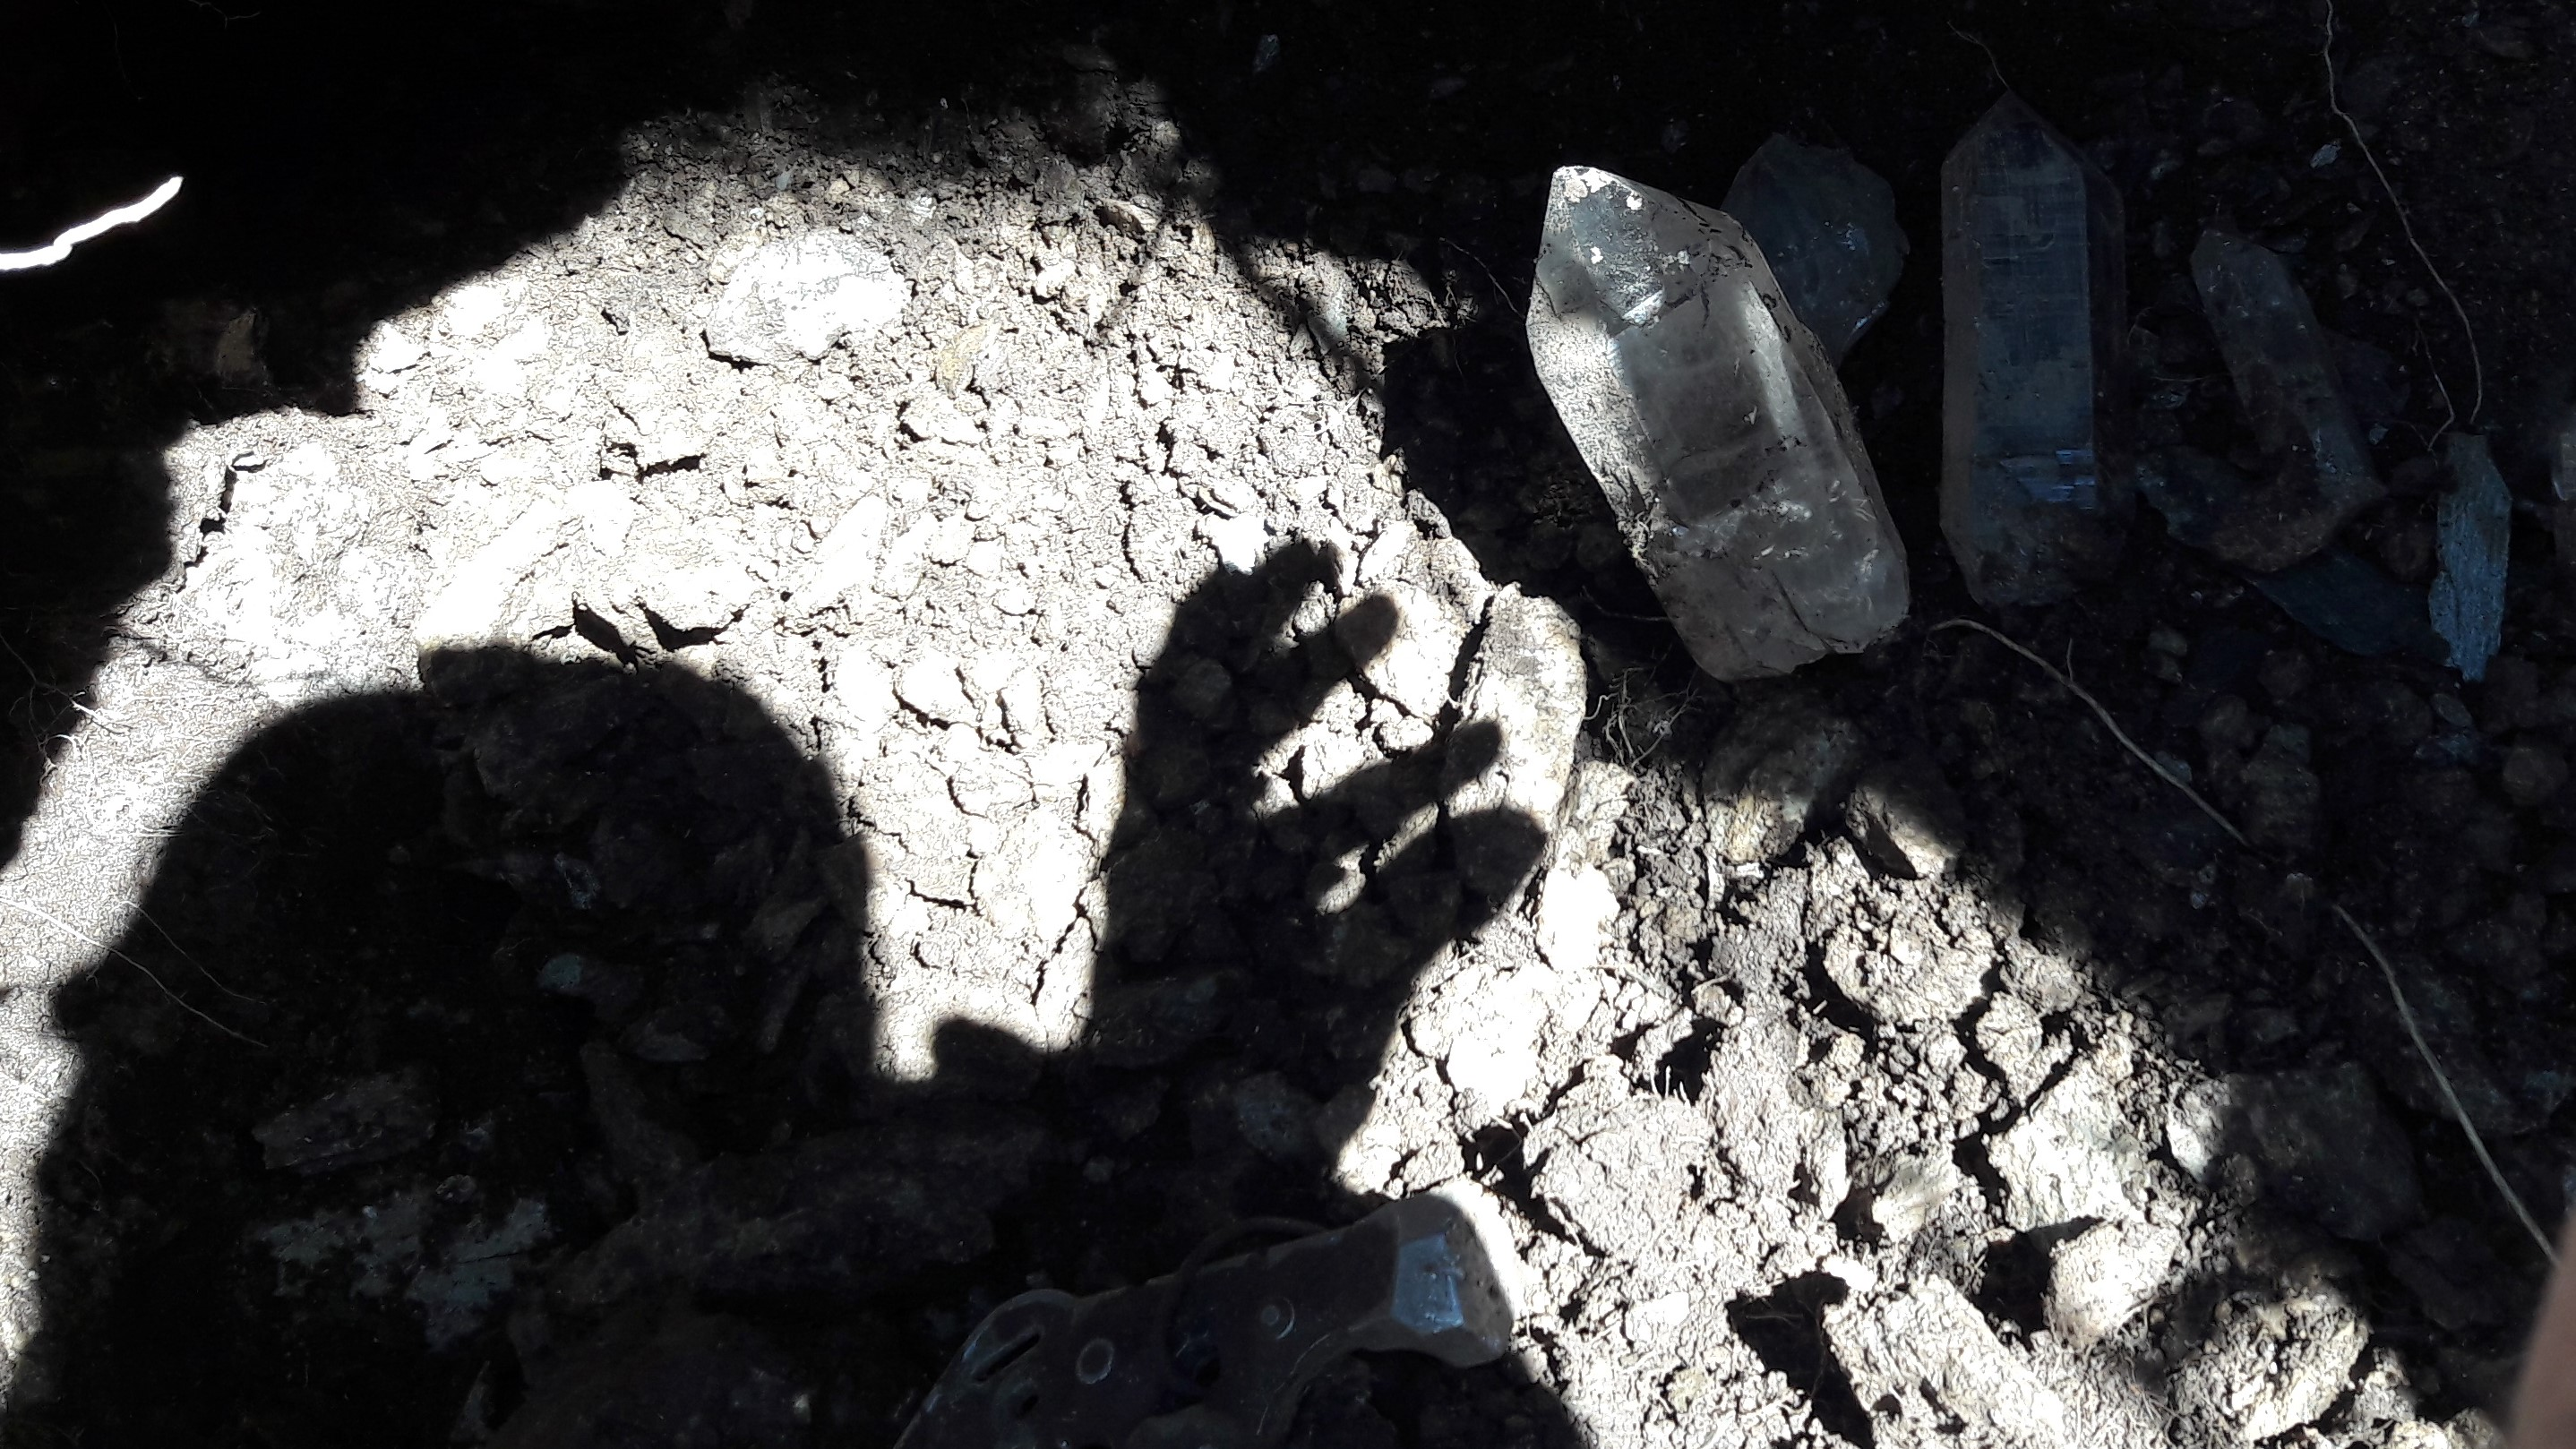 Kristalle Kristallkluft by Werner Schmid